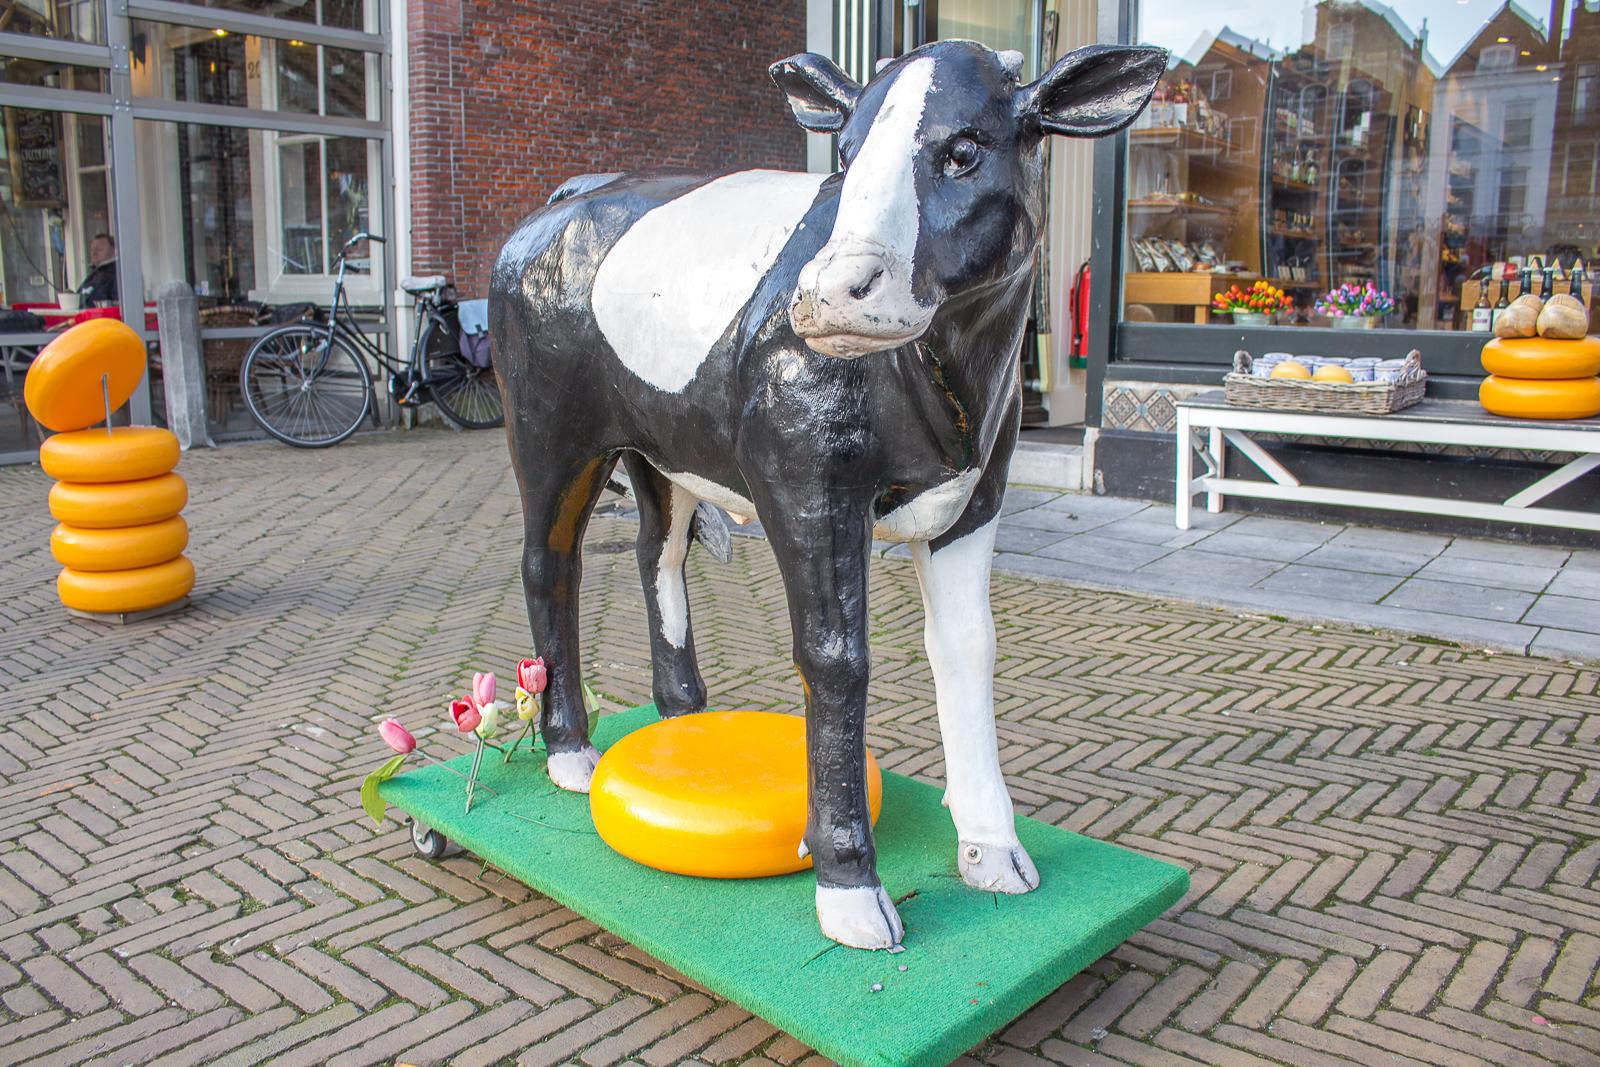 delft, südholland, holland, niederlande, städtetrip, sightseeing, Best Western, Hotel, Museumshotel